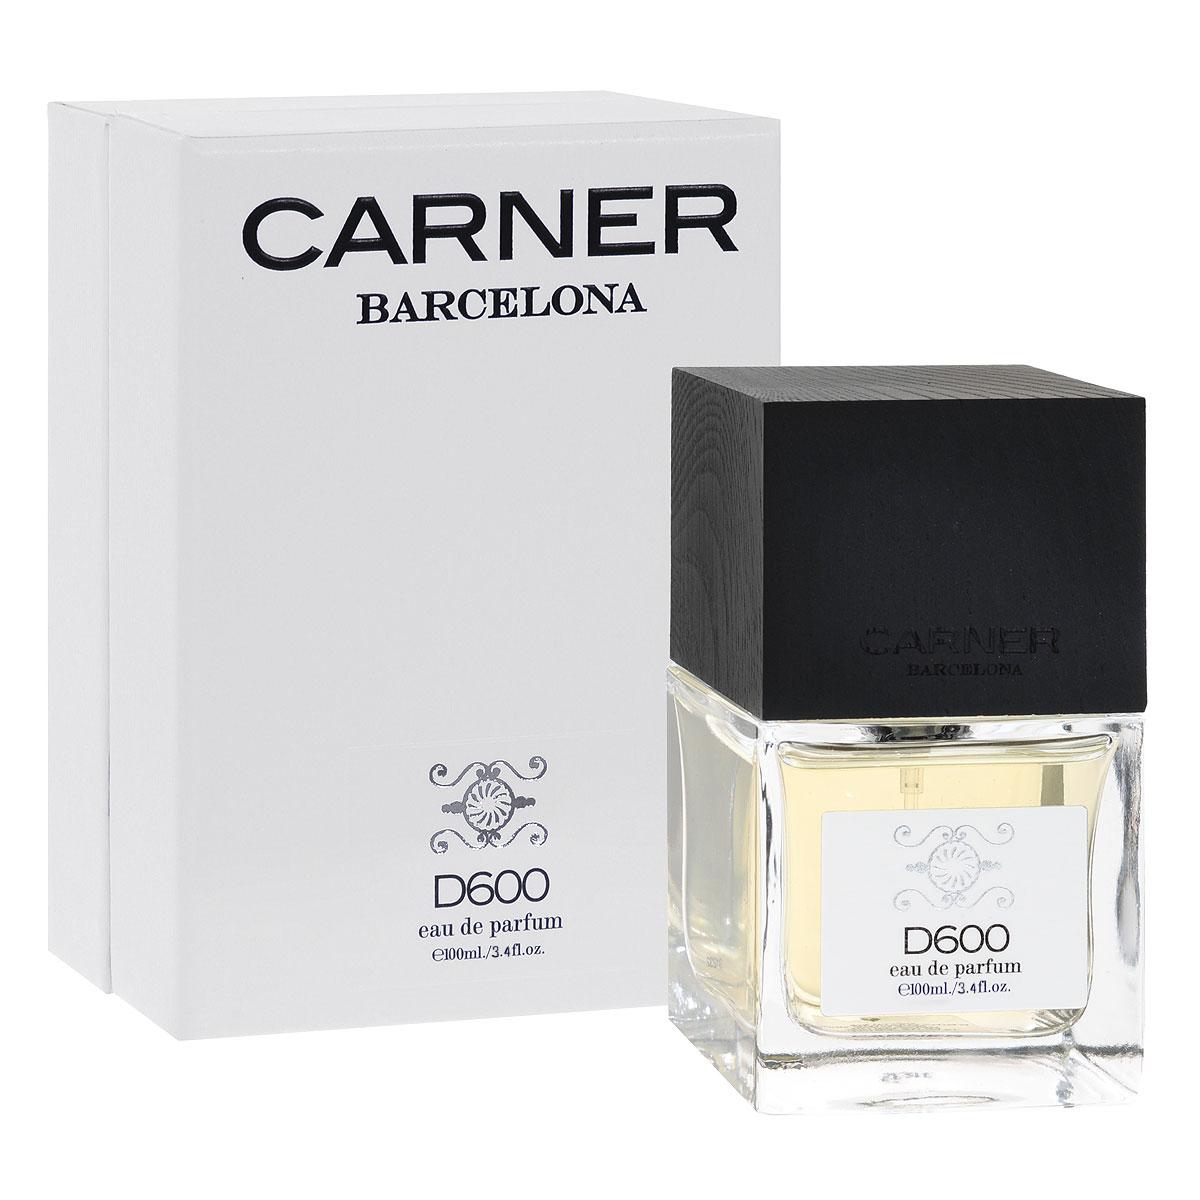 Carner Barcelona парфюмерная вода D600 унисекс 100 мл купить в